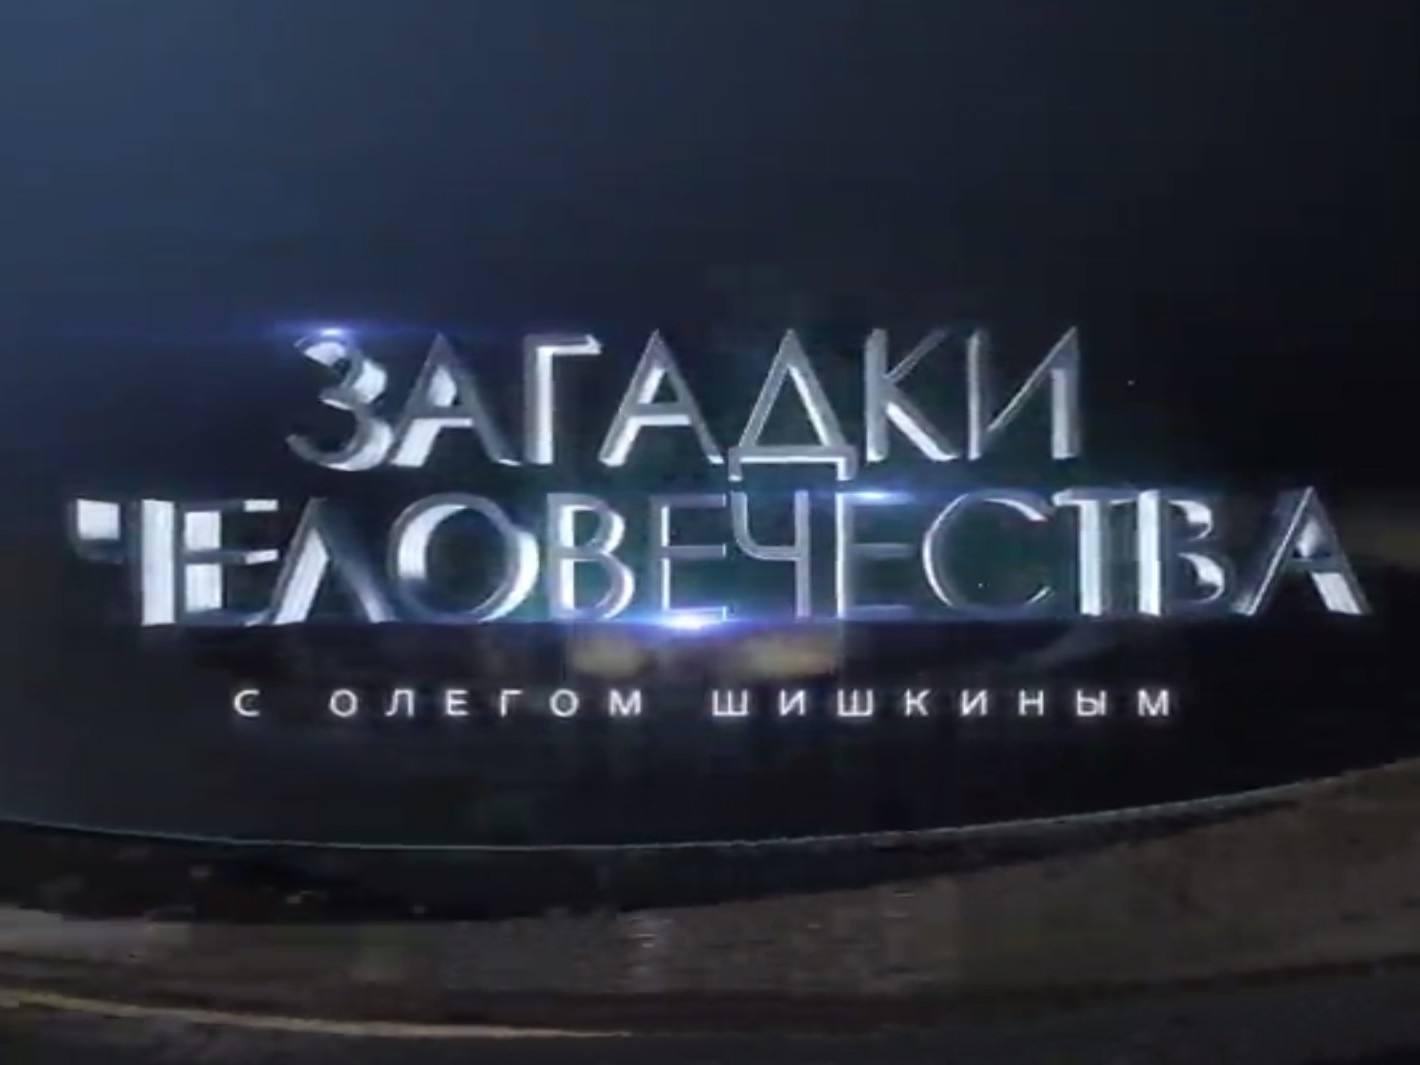 Загадки человечества с Олегом Шишкиным 428 серия в 13:00 на РЕН ТВ